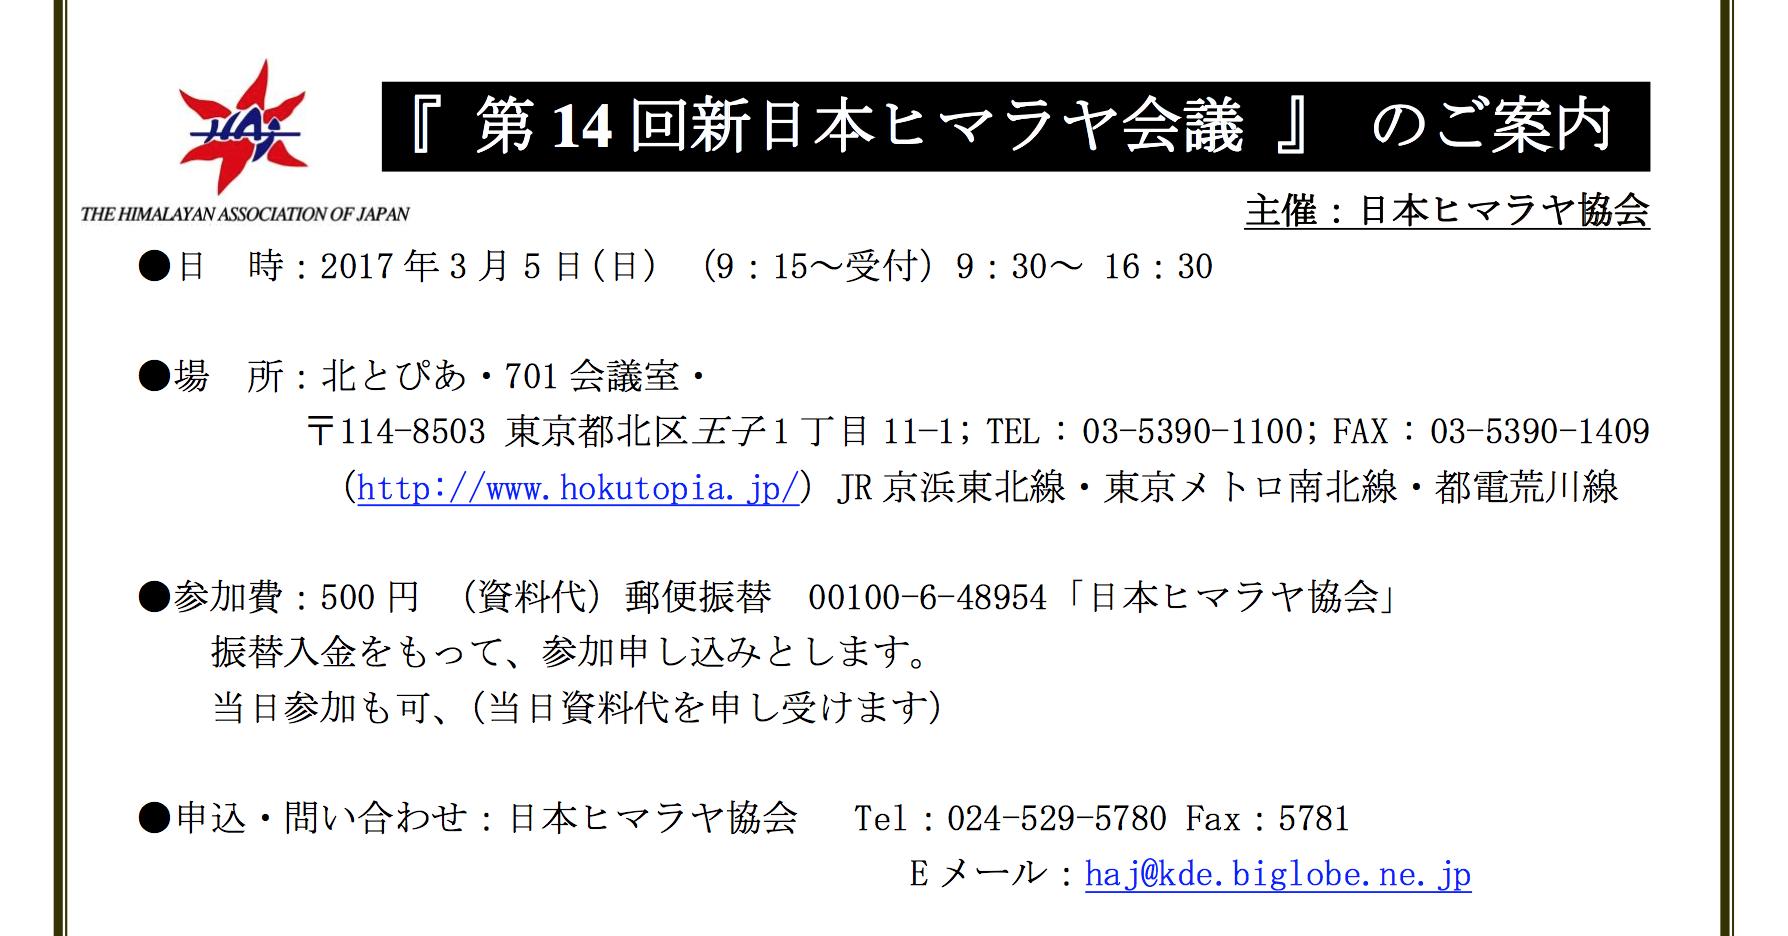 第14回新日本ヒマラヤ会議!_e0111396_0454935.png